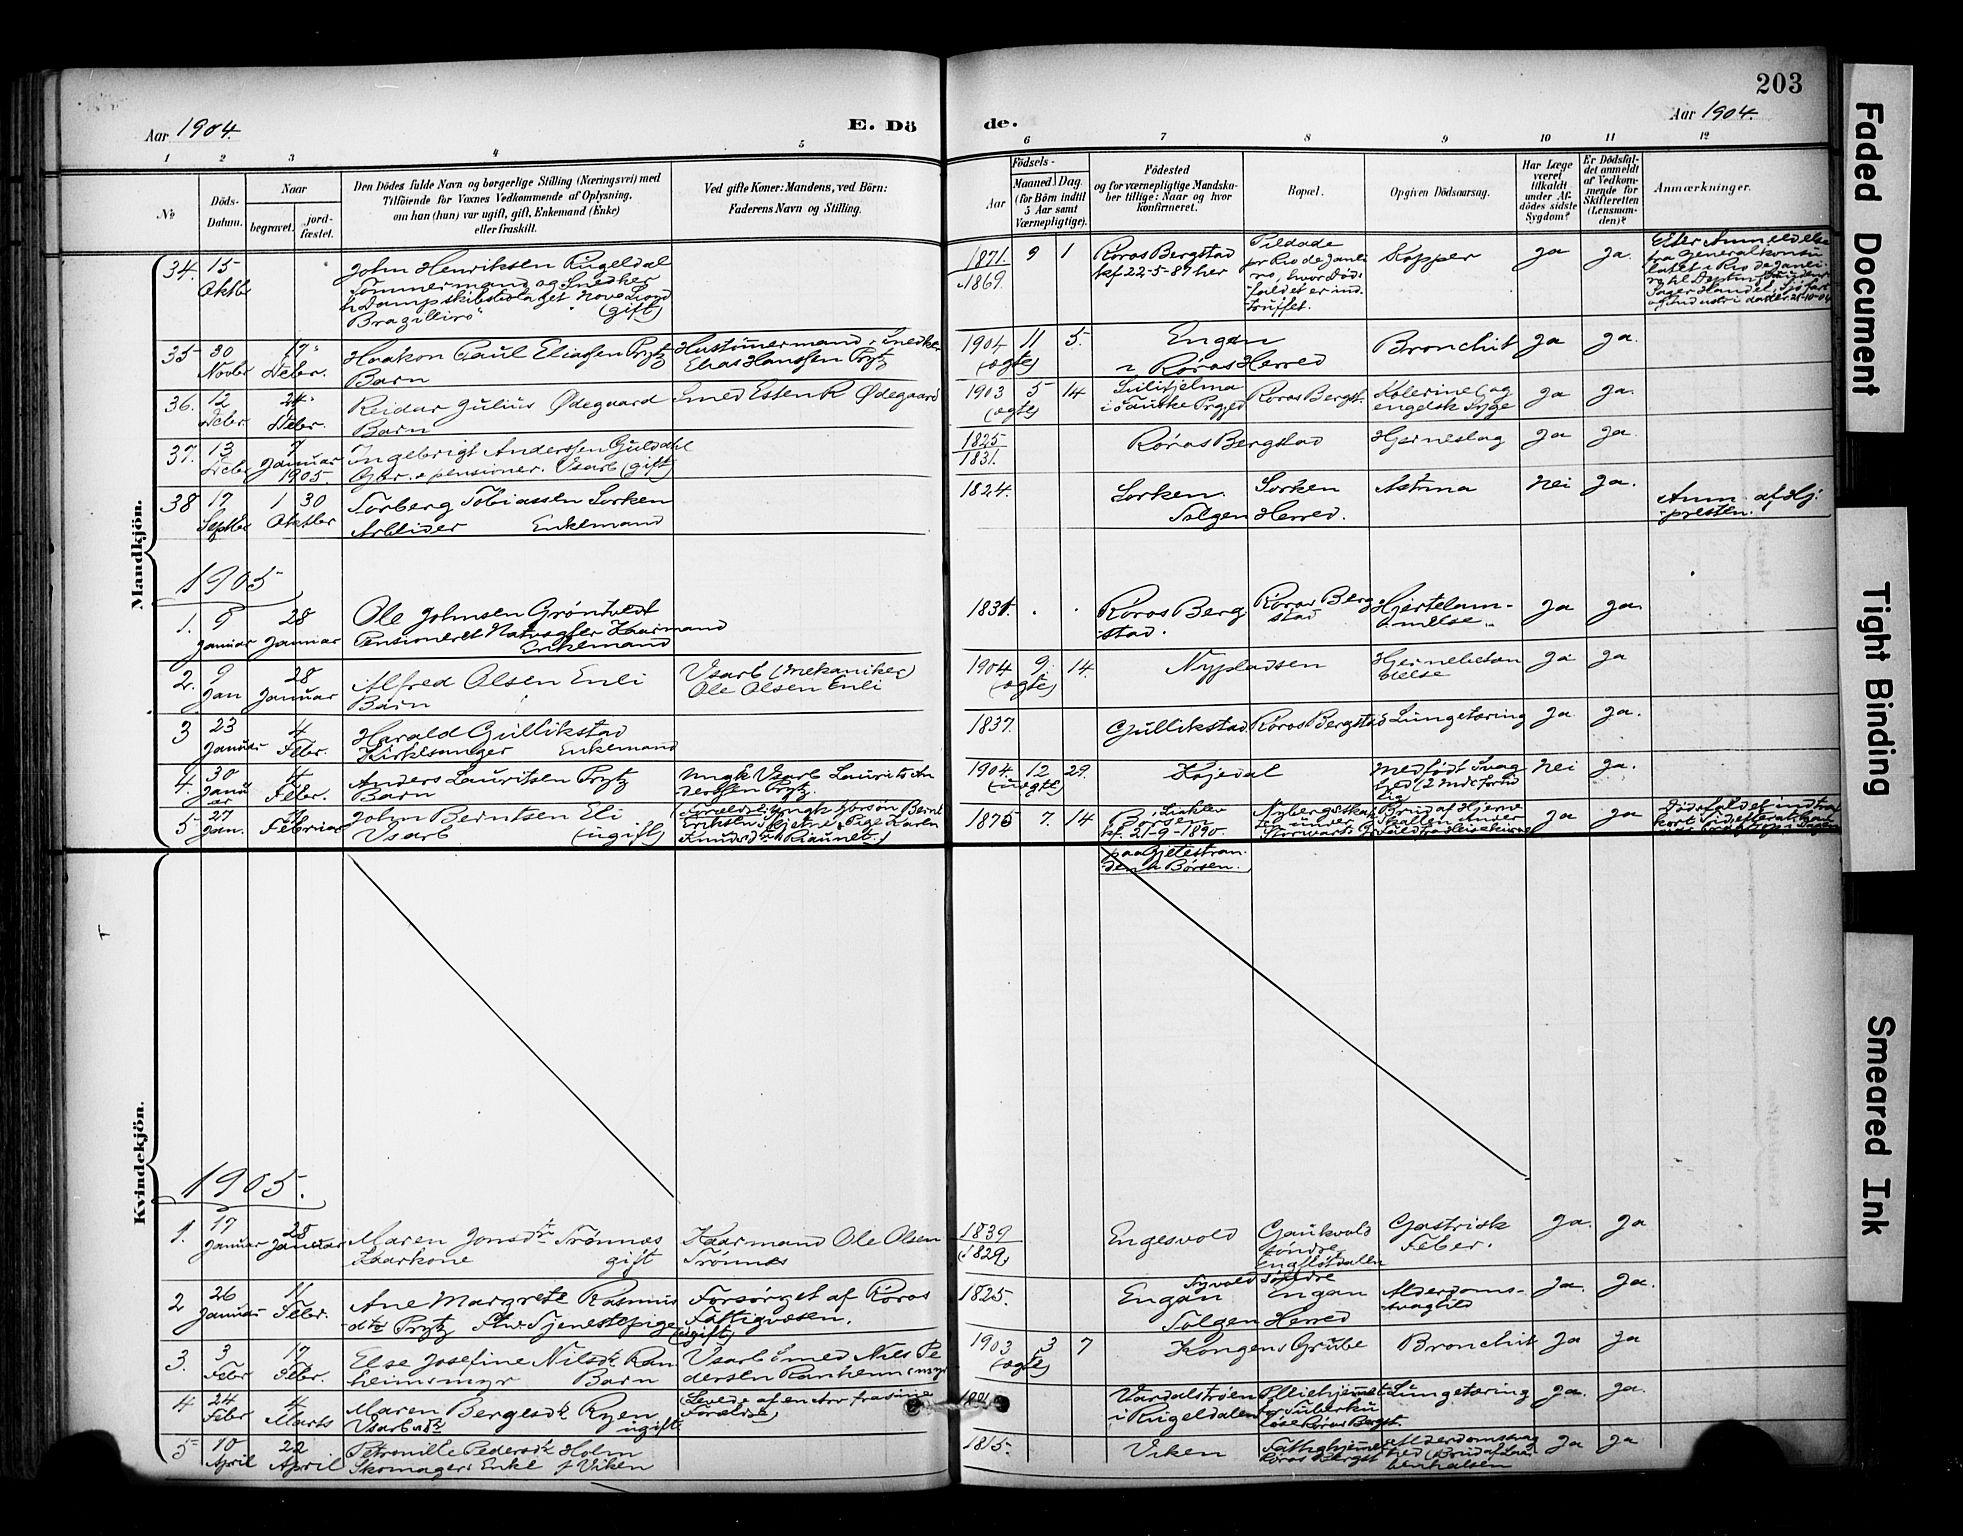 SAT, Ministerialprotokoller, klokkerbøker og fødselsregistre - Sør-Trøndelag, 681/L0936: Ministerialbok nr. 681A14, 1899-1908, s. 203